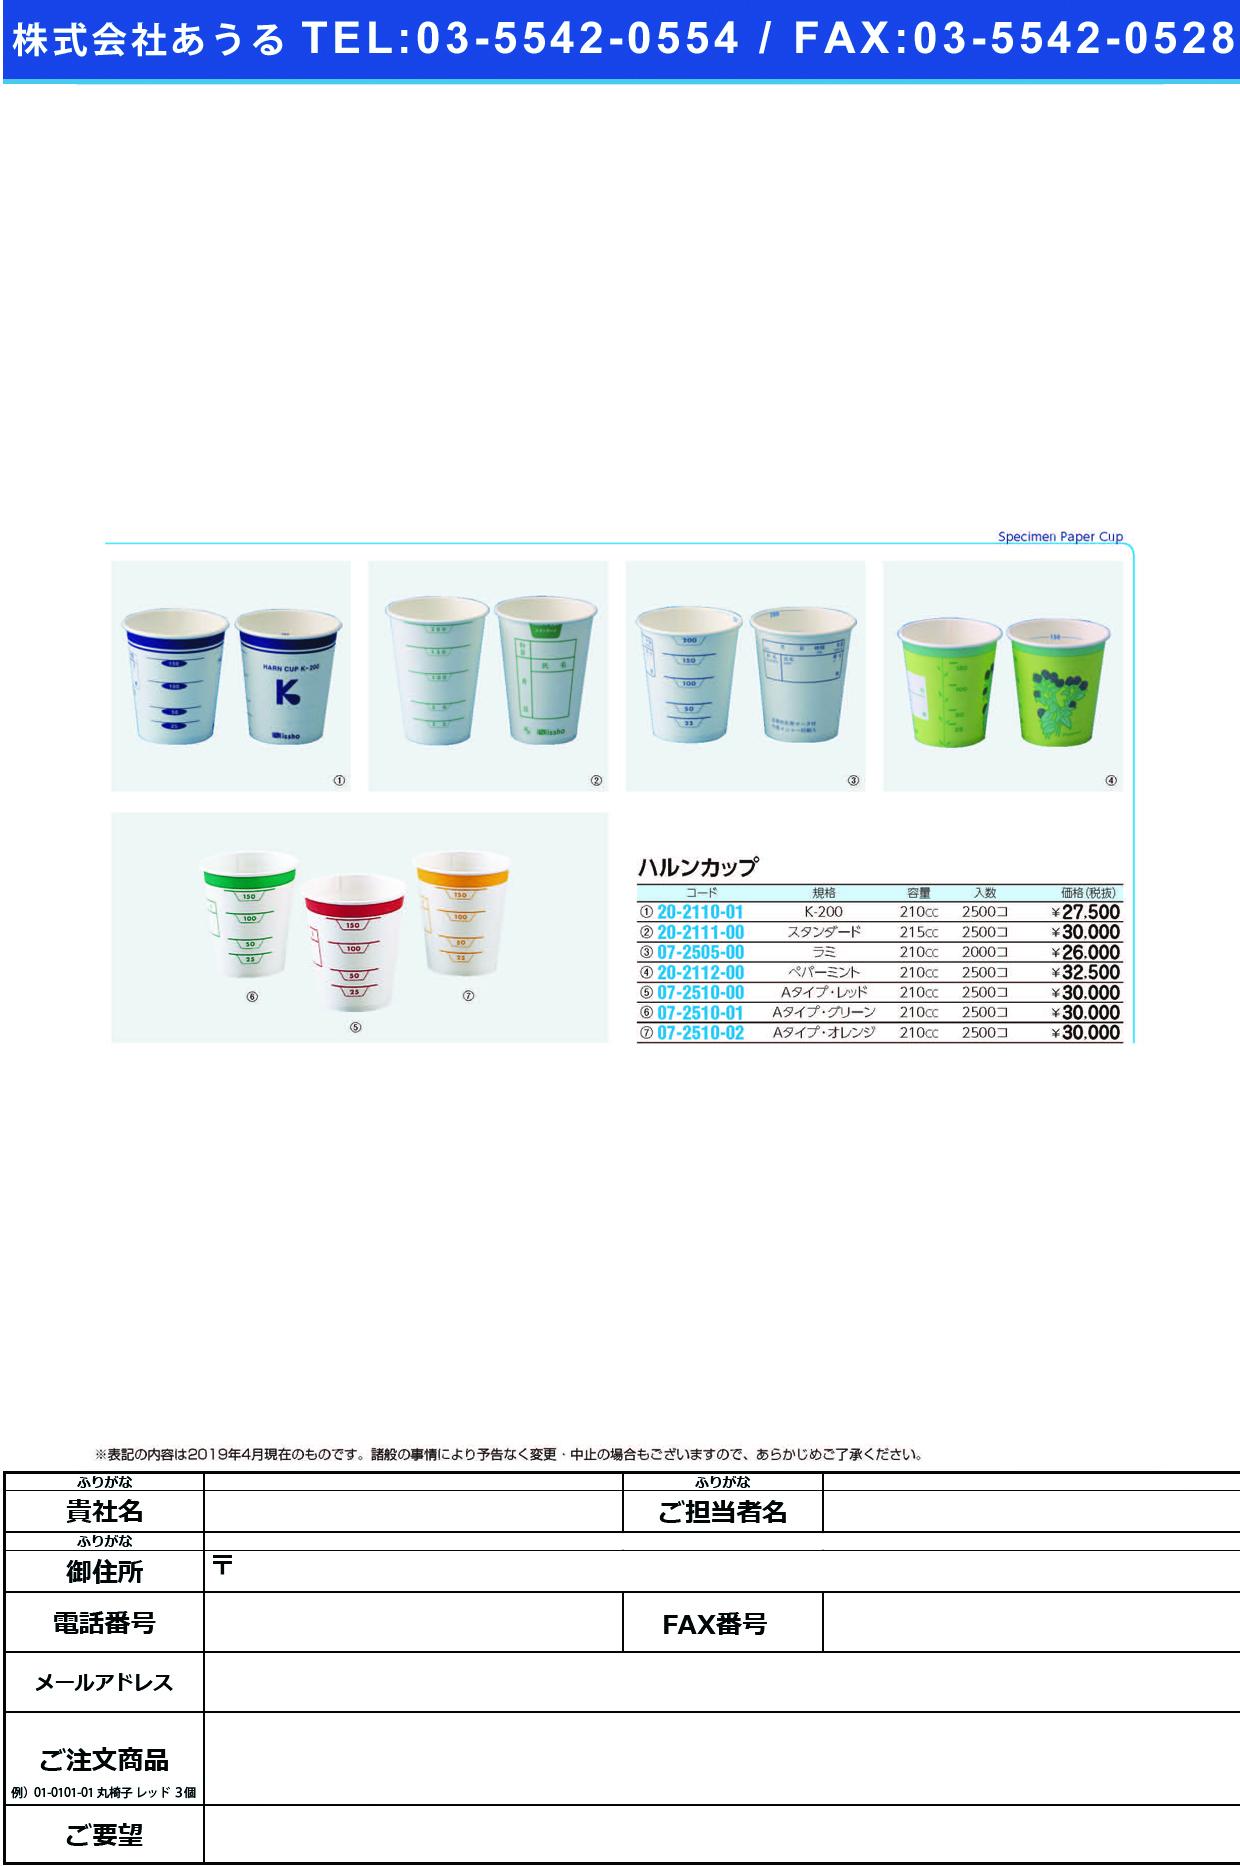 (07-2510-00)ハルンカップ(採尿カップ)Aタイプ レッド(210CC)2500コイリ ハルンカップAタイプ【1梱単位】【2019年カタログ商品】